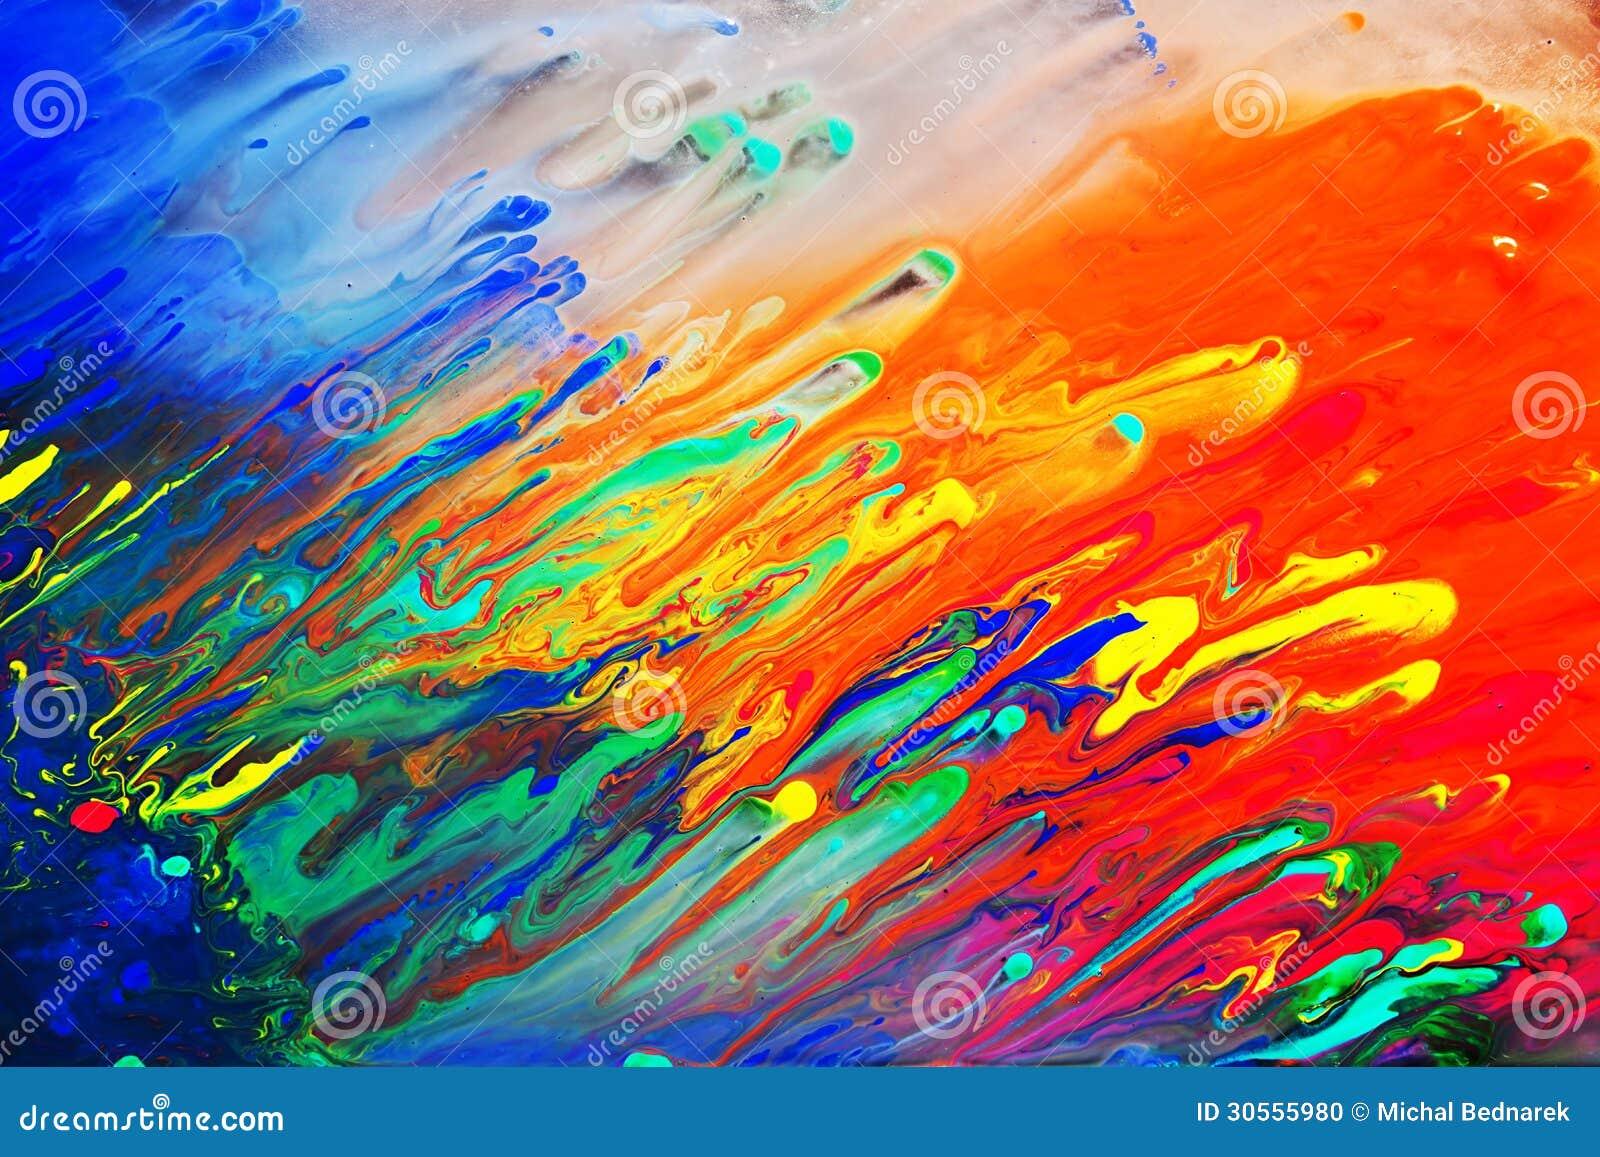 Kolorowy abstrakcjonistyczny akrylowy obraz